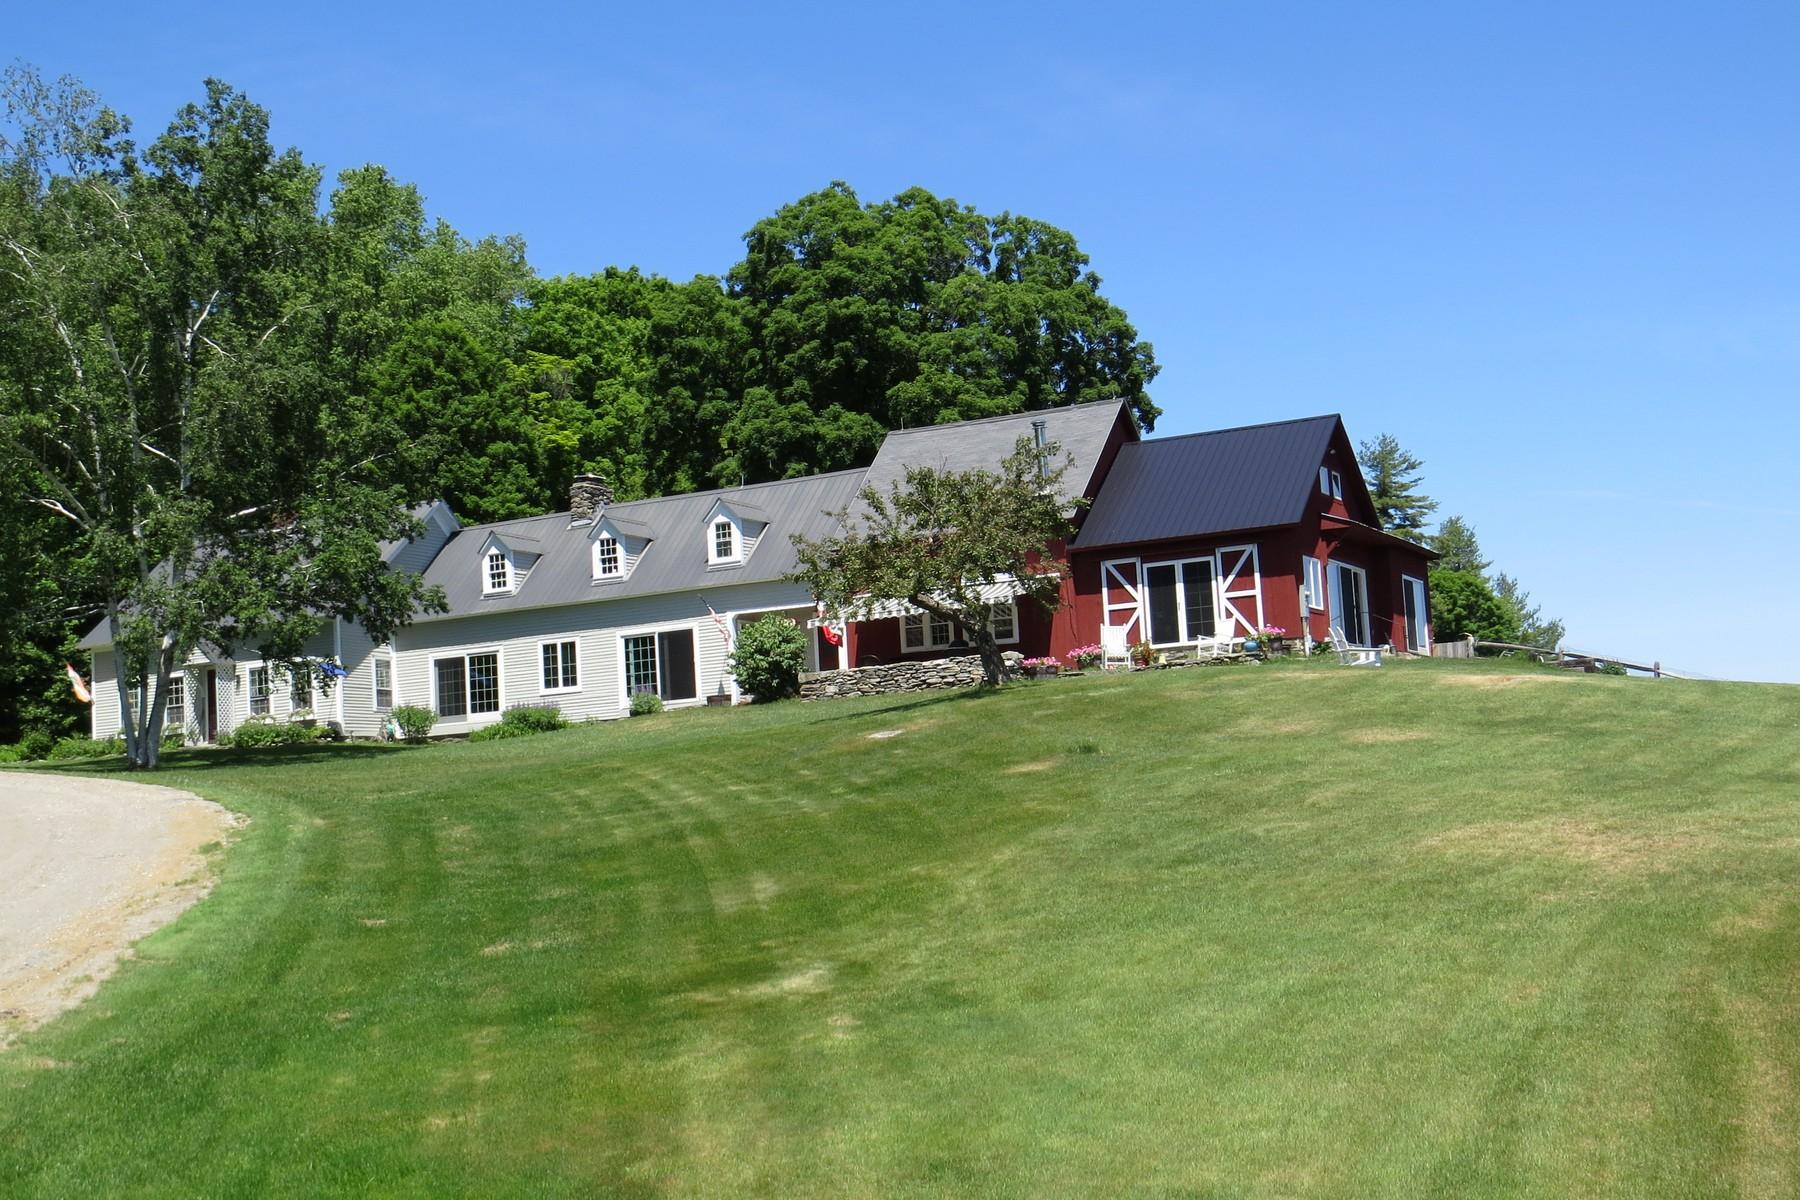 独户住宅 为 销售 在 Mountain View Farmstead 452 Carley Ln 伦敦德里郡, 佛蒙特州, 05155 美国